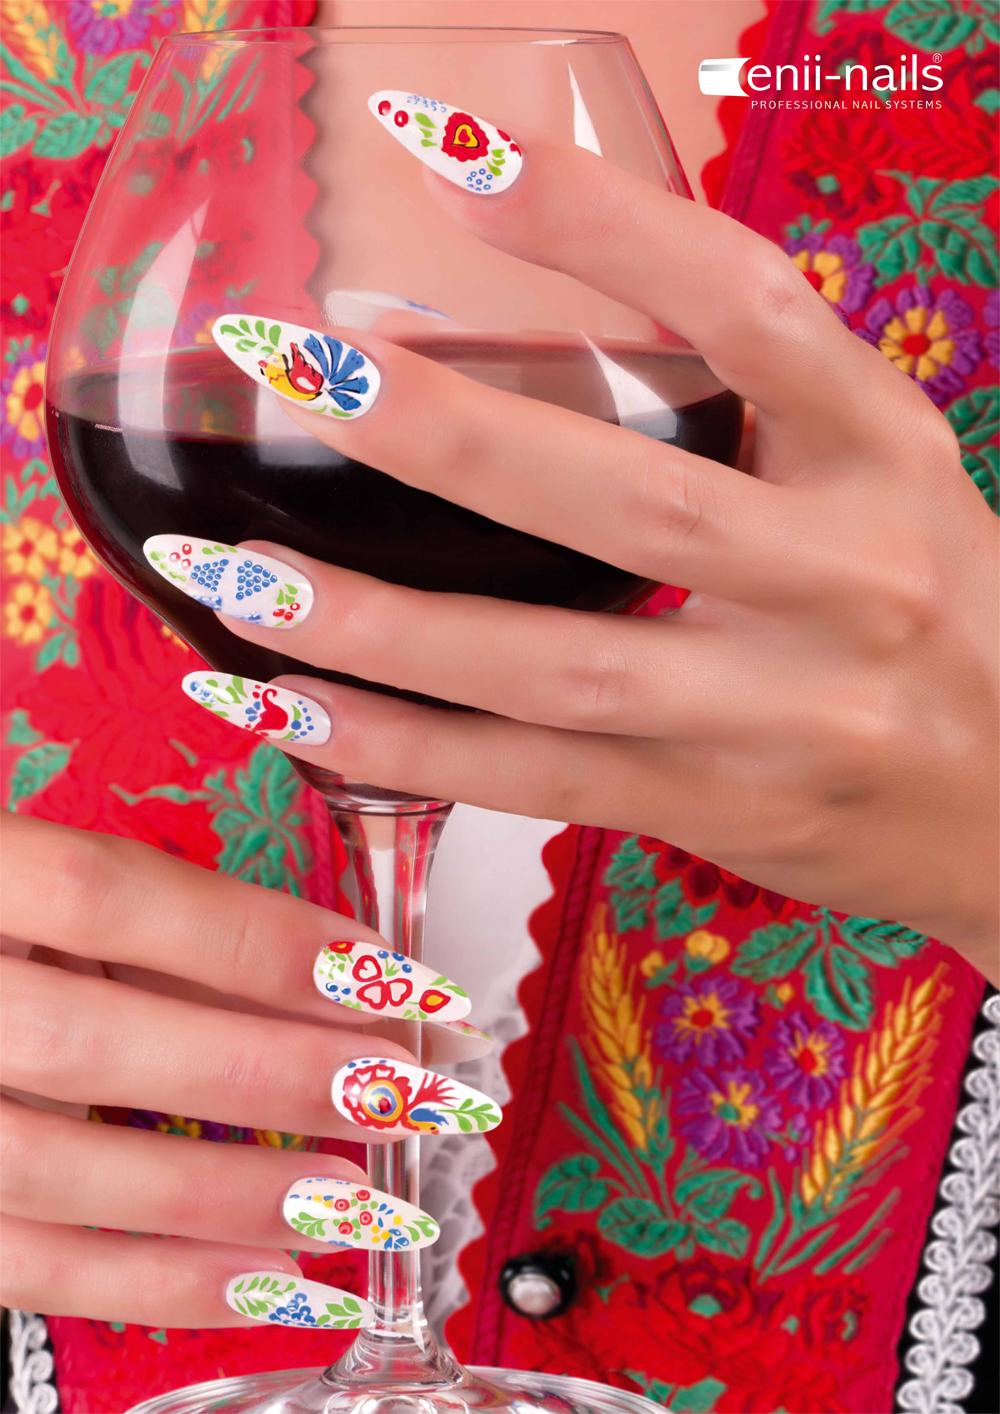 ENII-NAILS Nail Art I. babyboomer, ombré, tenké linie, salonní zdobení, malba barevnými gely Hodonín: 29.06.2020